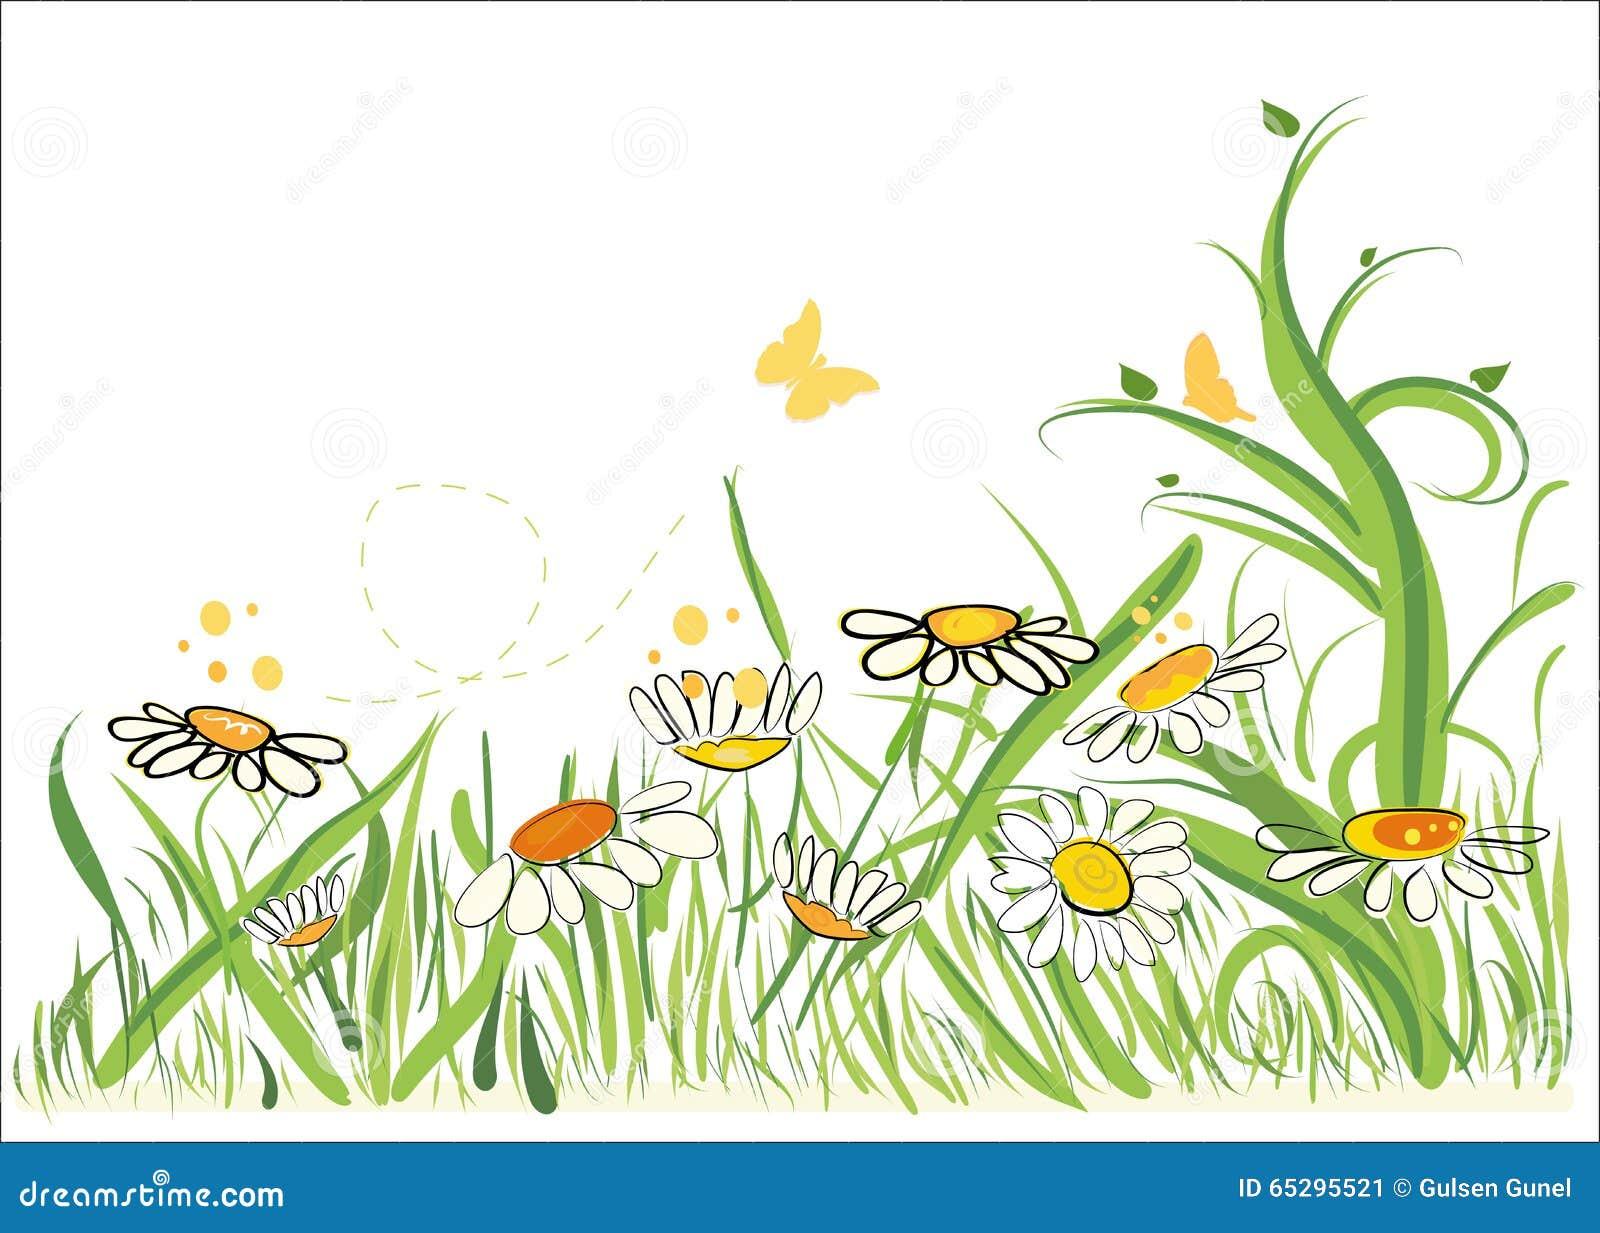 clipart printemps nature - photo #17